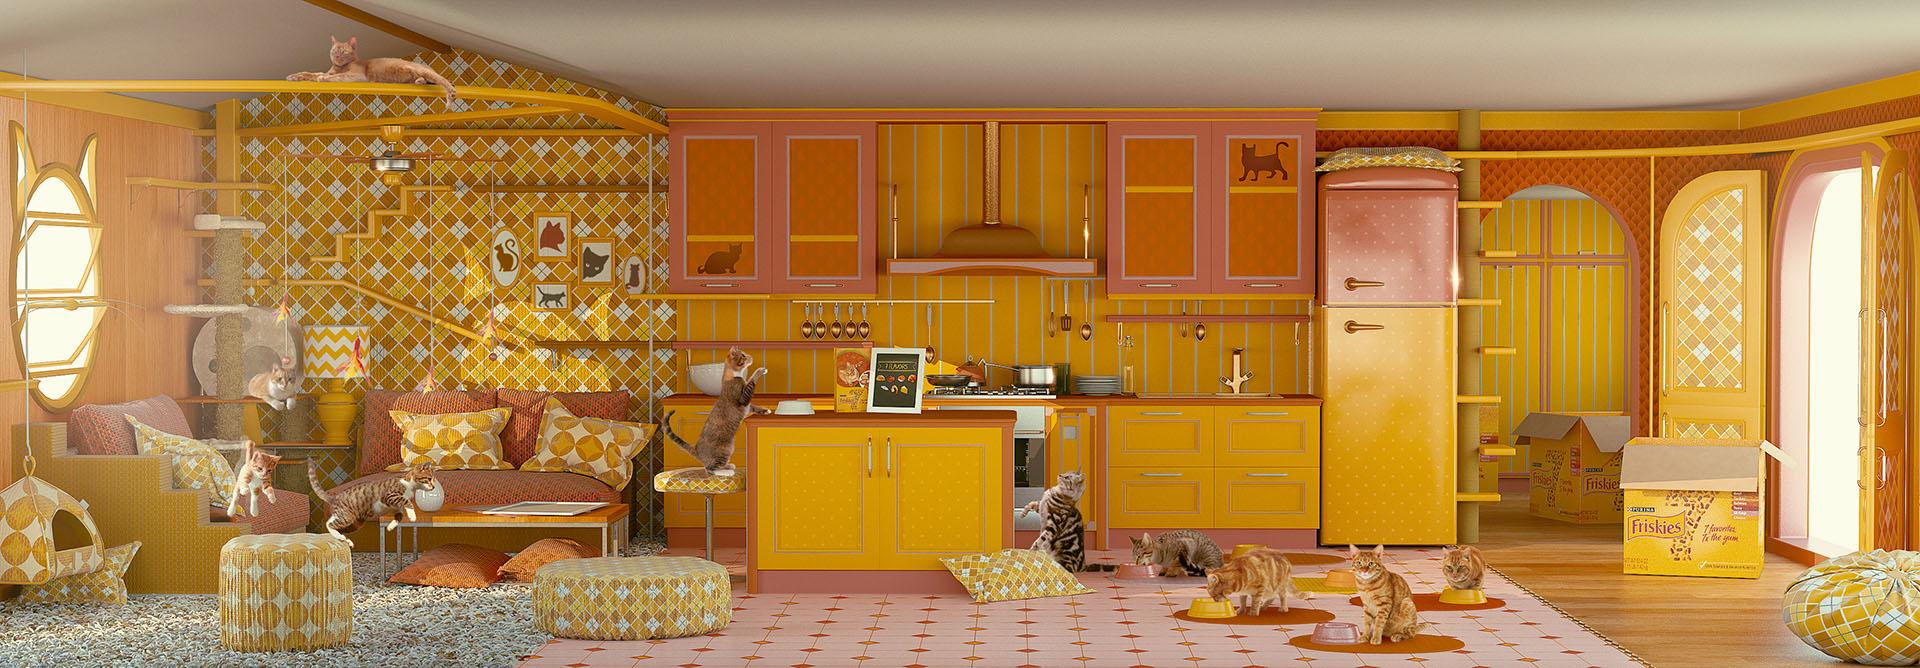 49_roof-studio_vinicius-costa